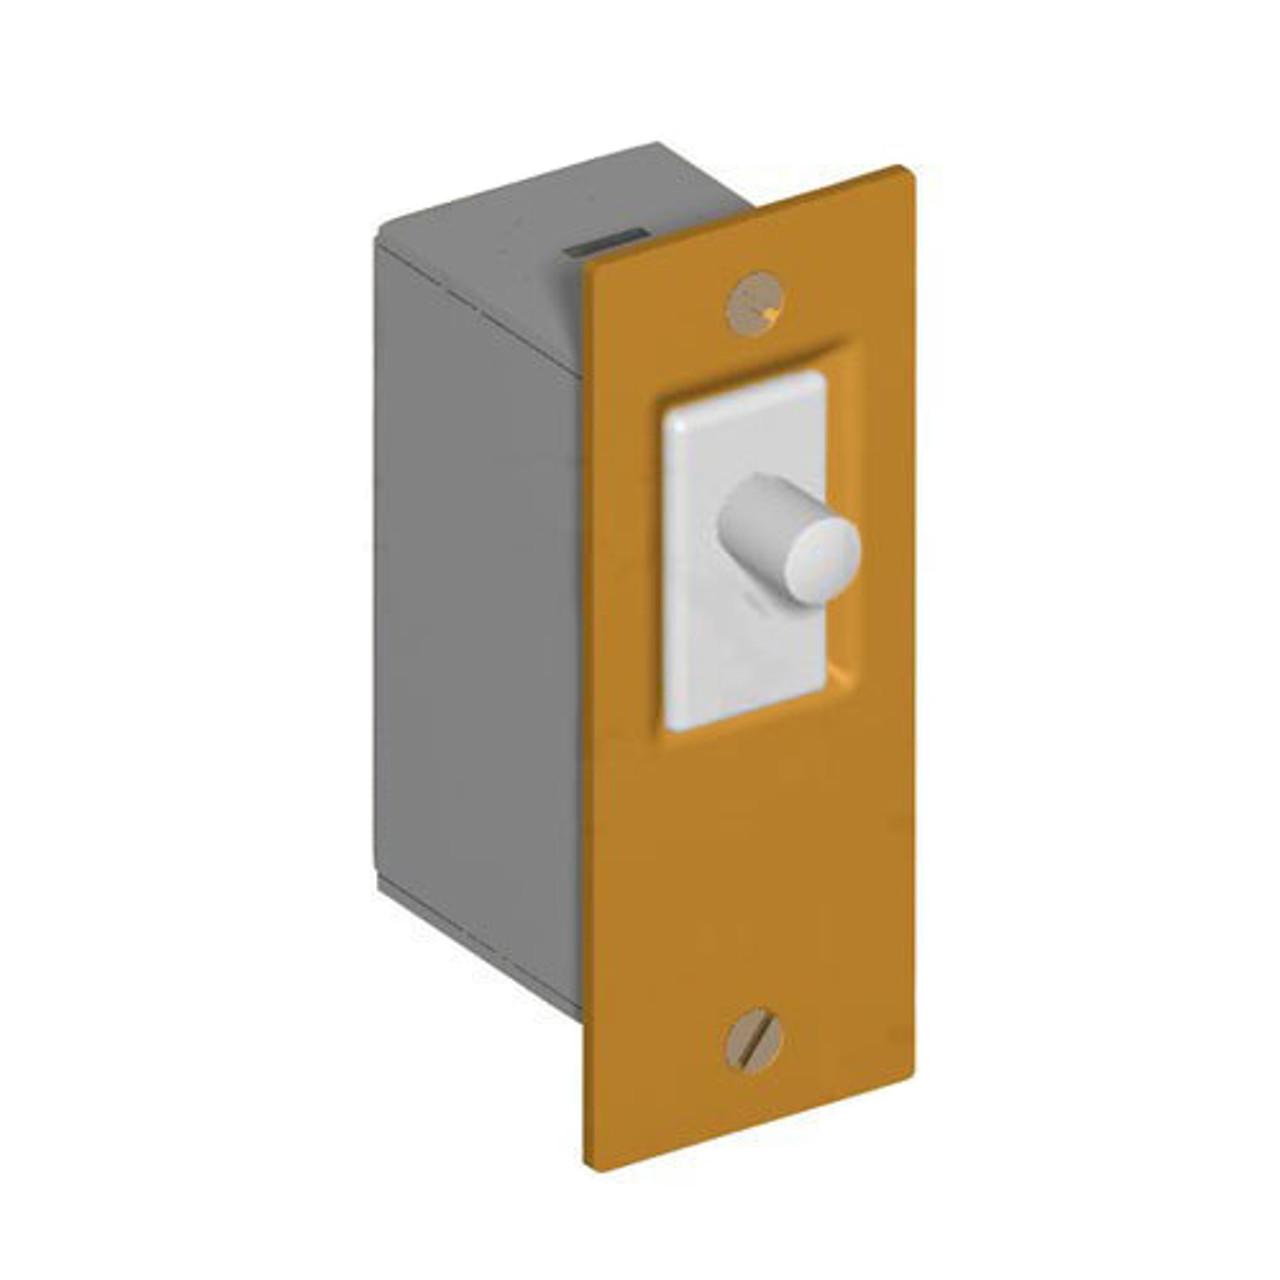 Trine-342 Trine Electric Door Switch with Narrow Style